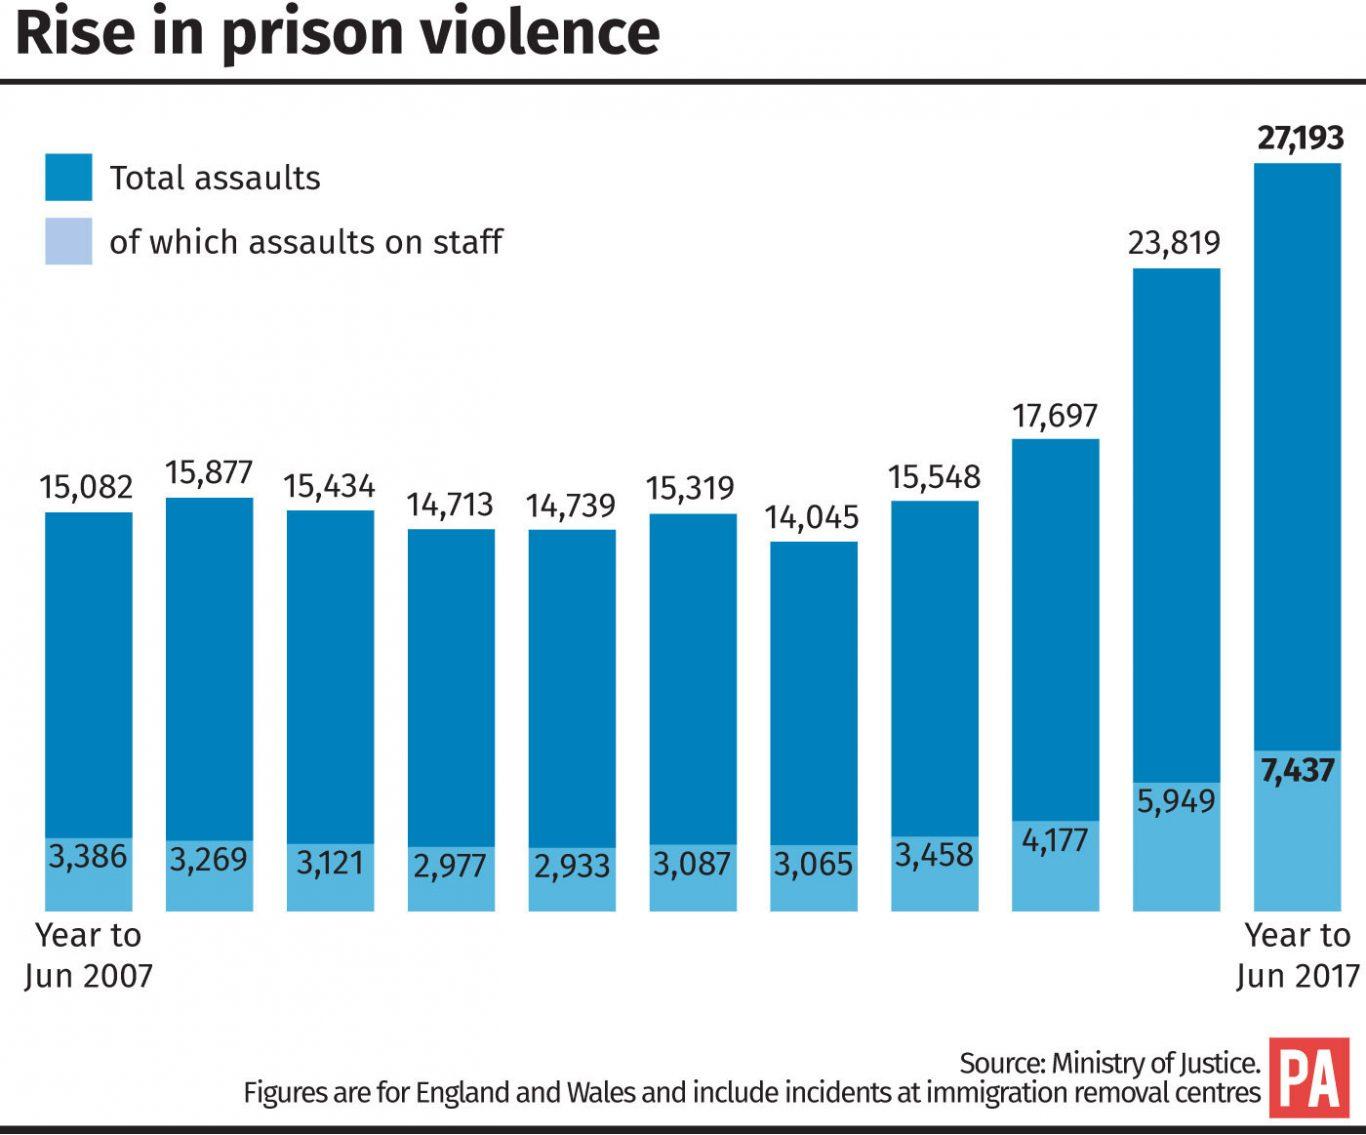 Rise in prison violence